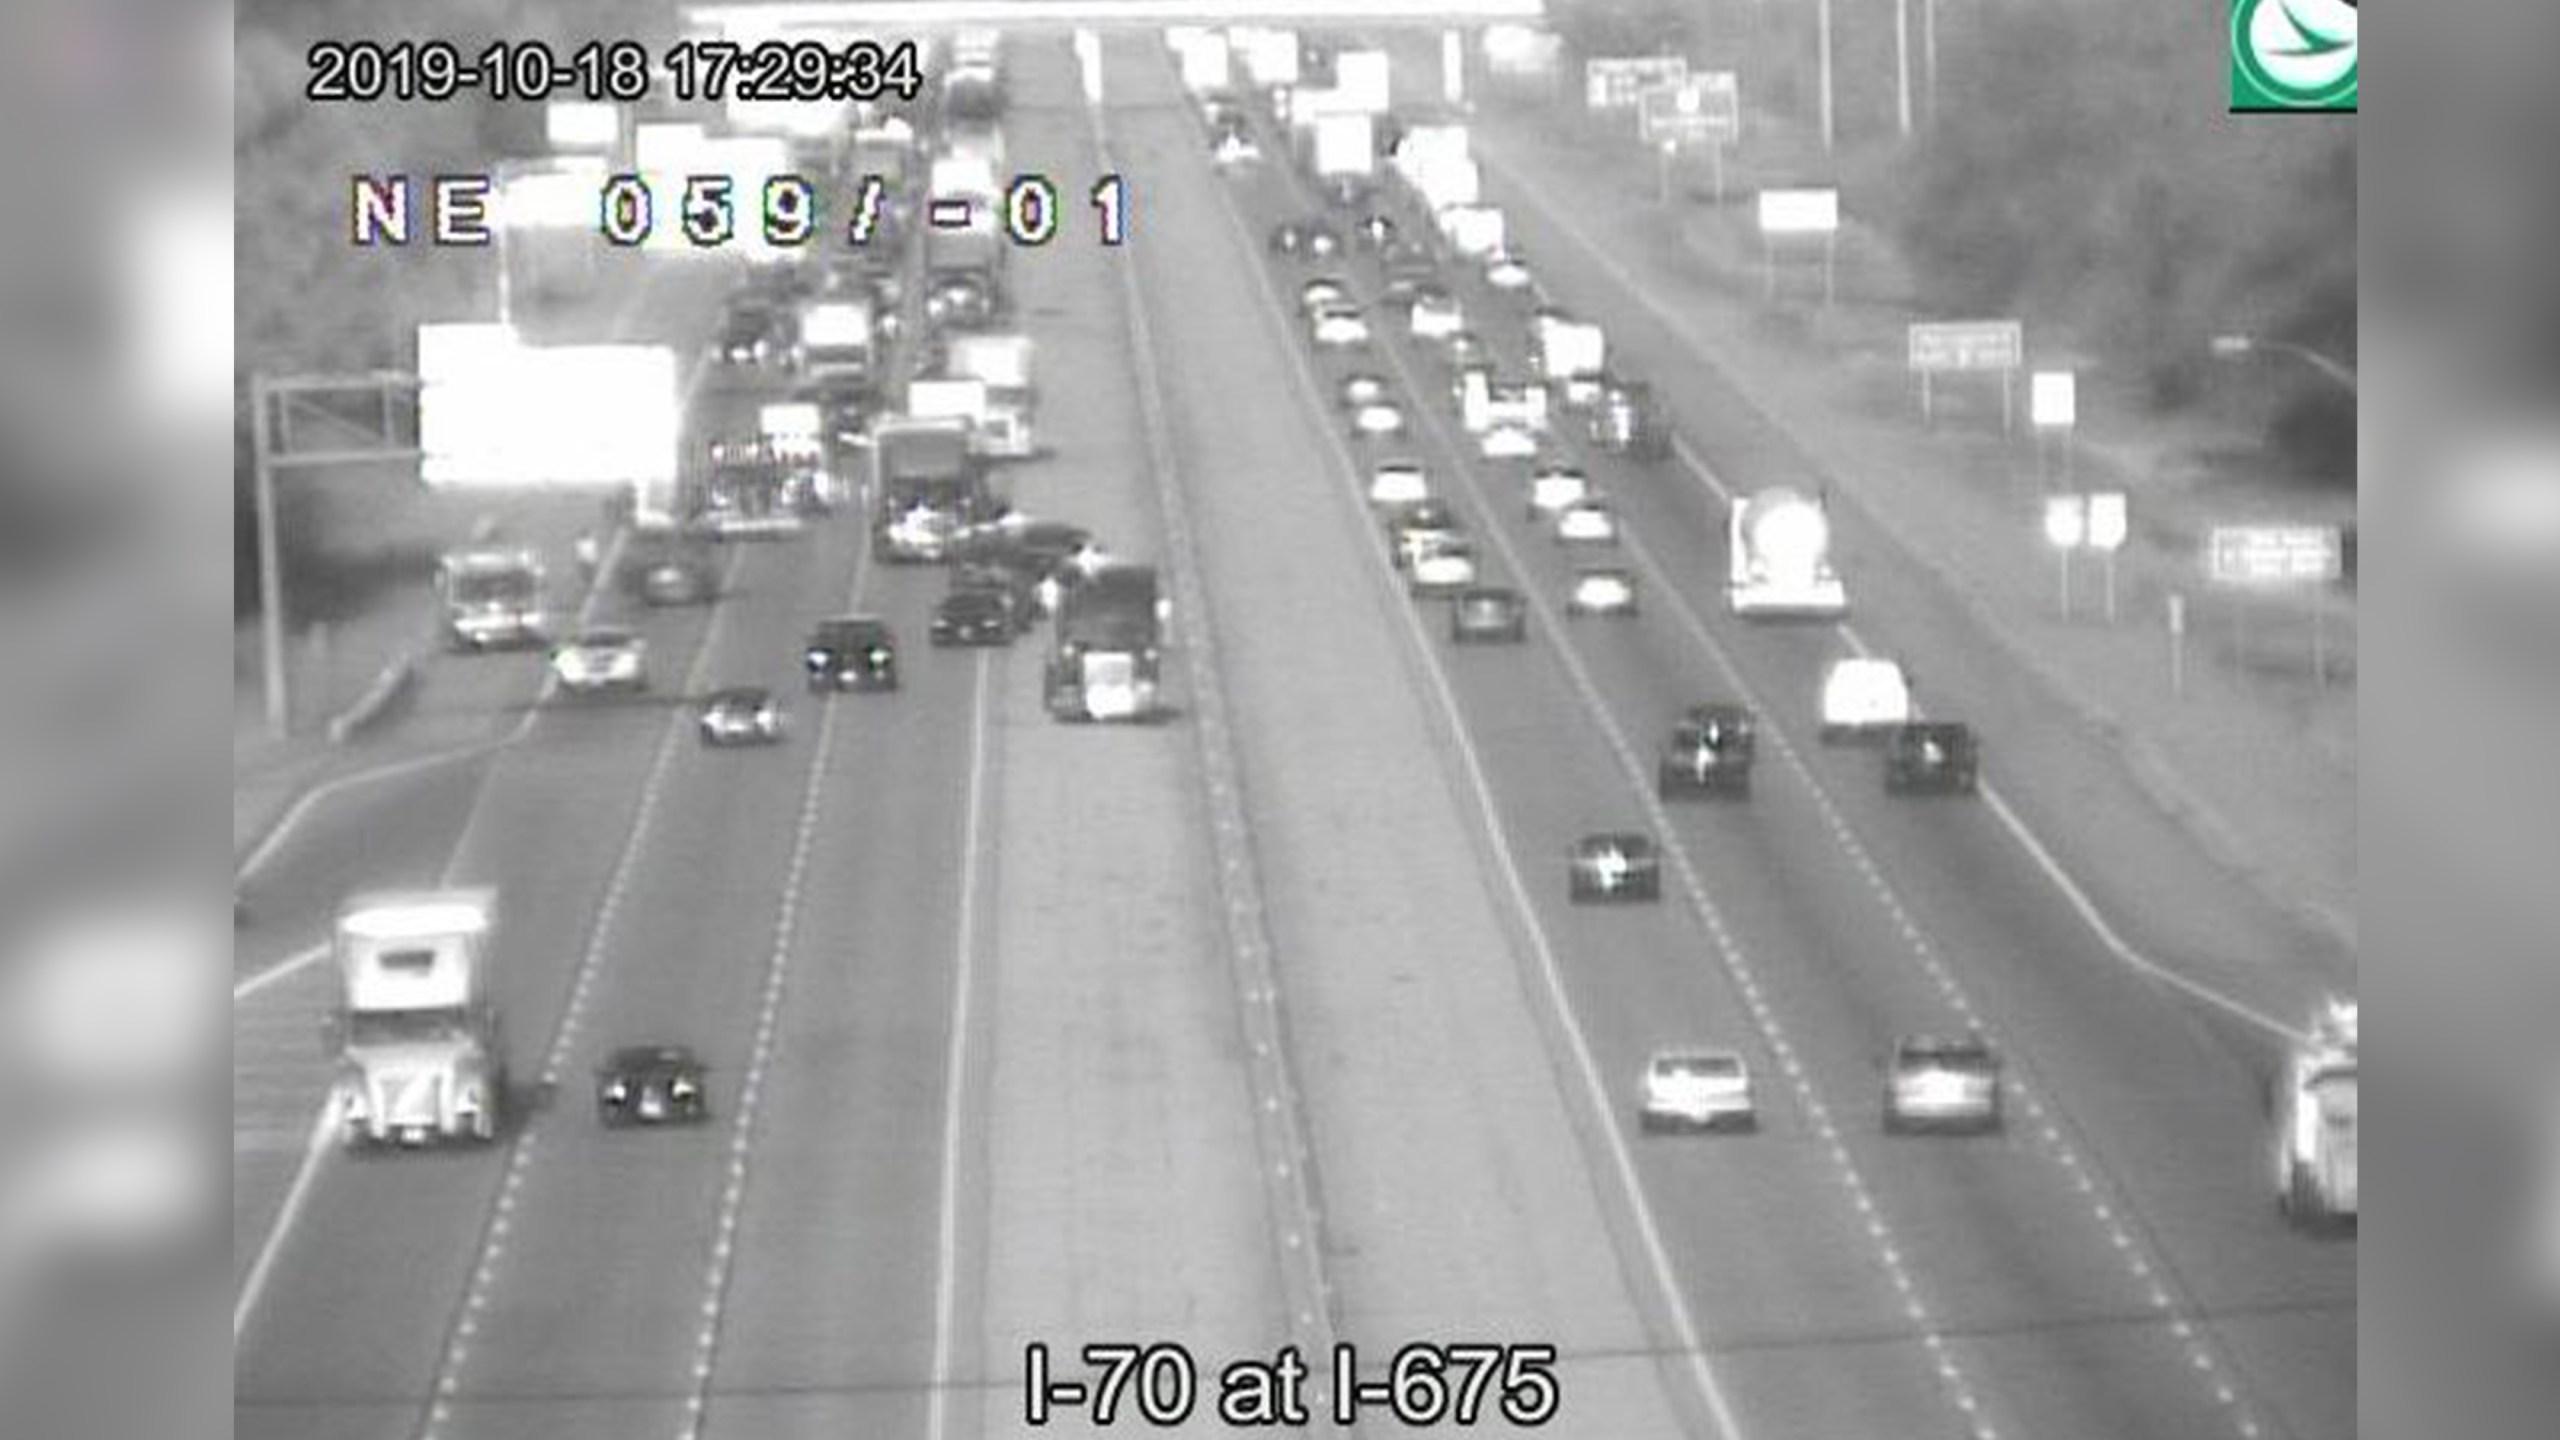 I-70 at 675